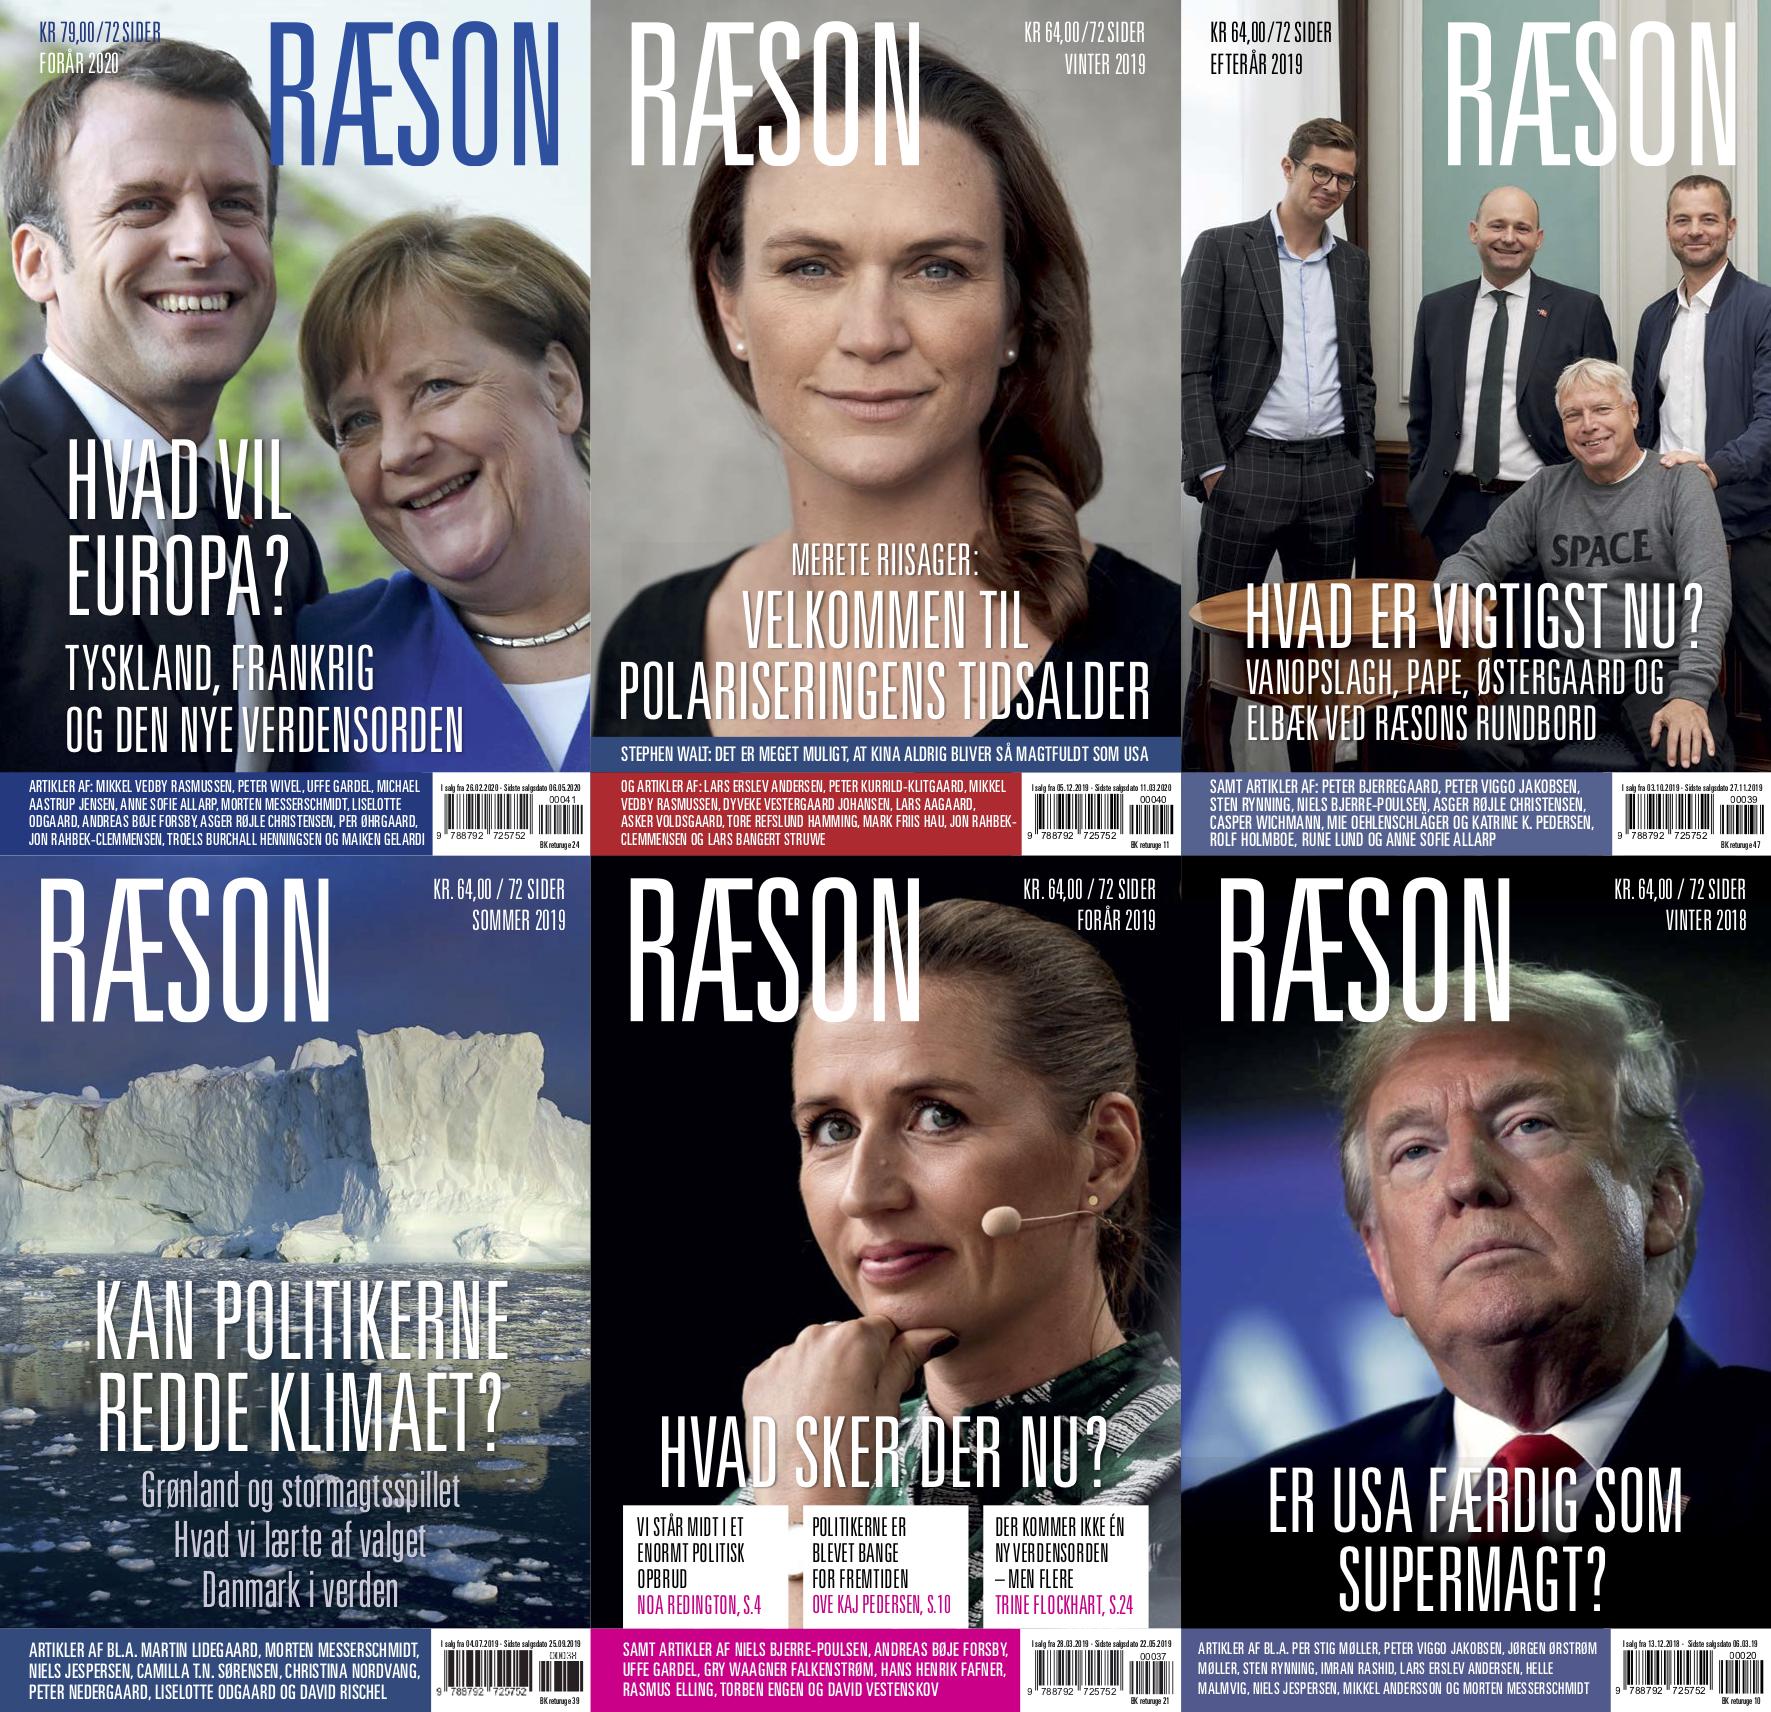 JOBOPSLAG: Chefredaktør til RÆSON med tiltrædelse 1. september